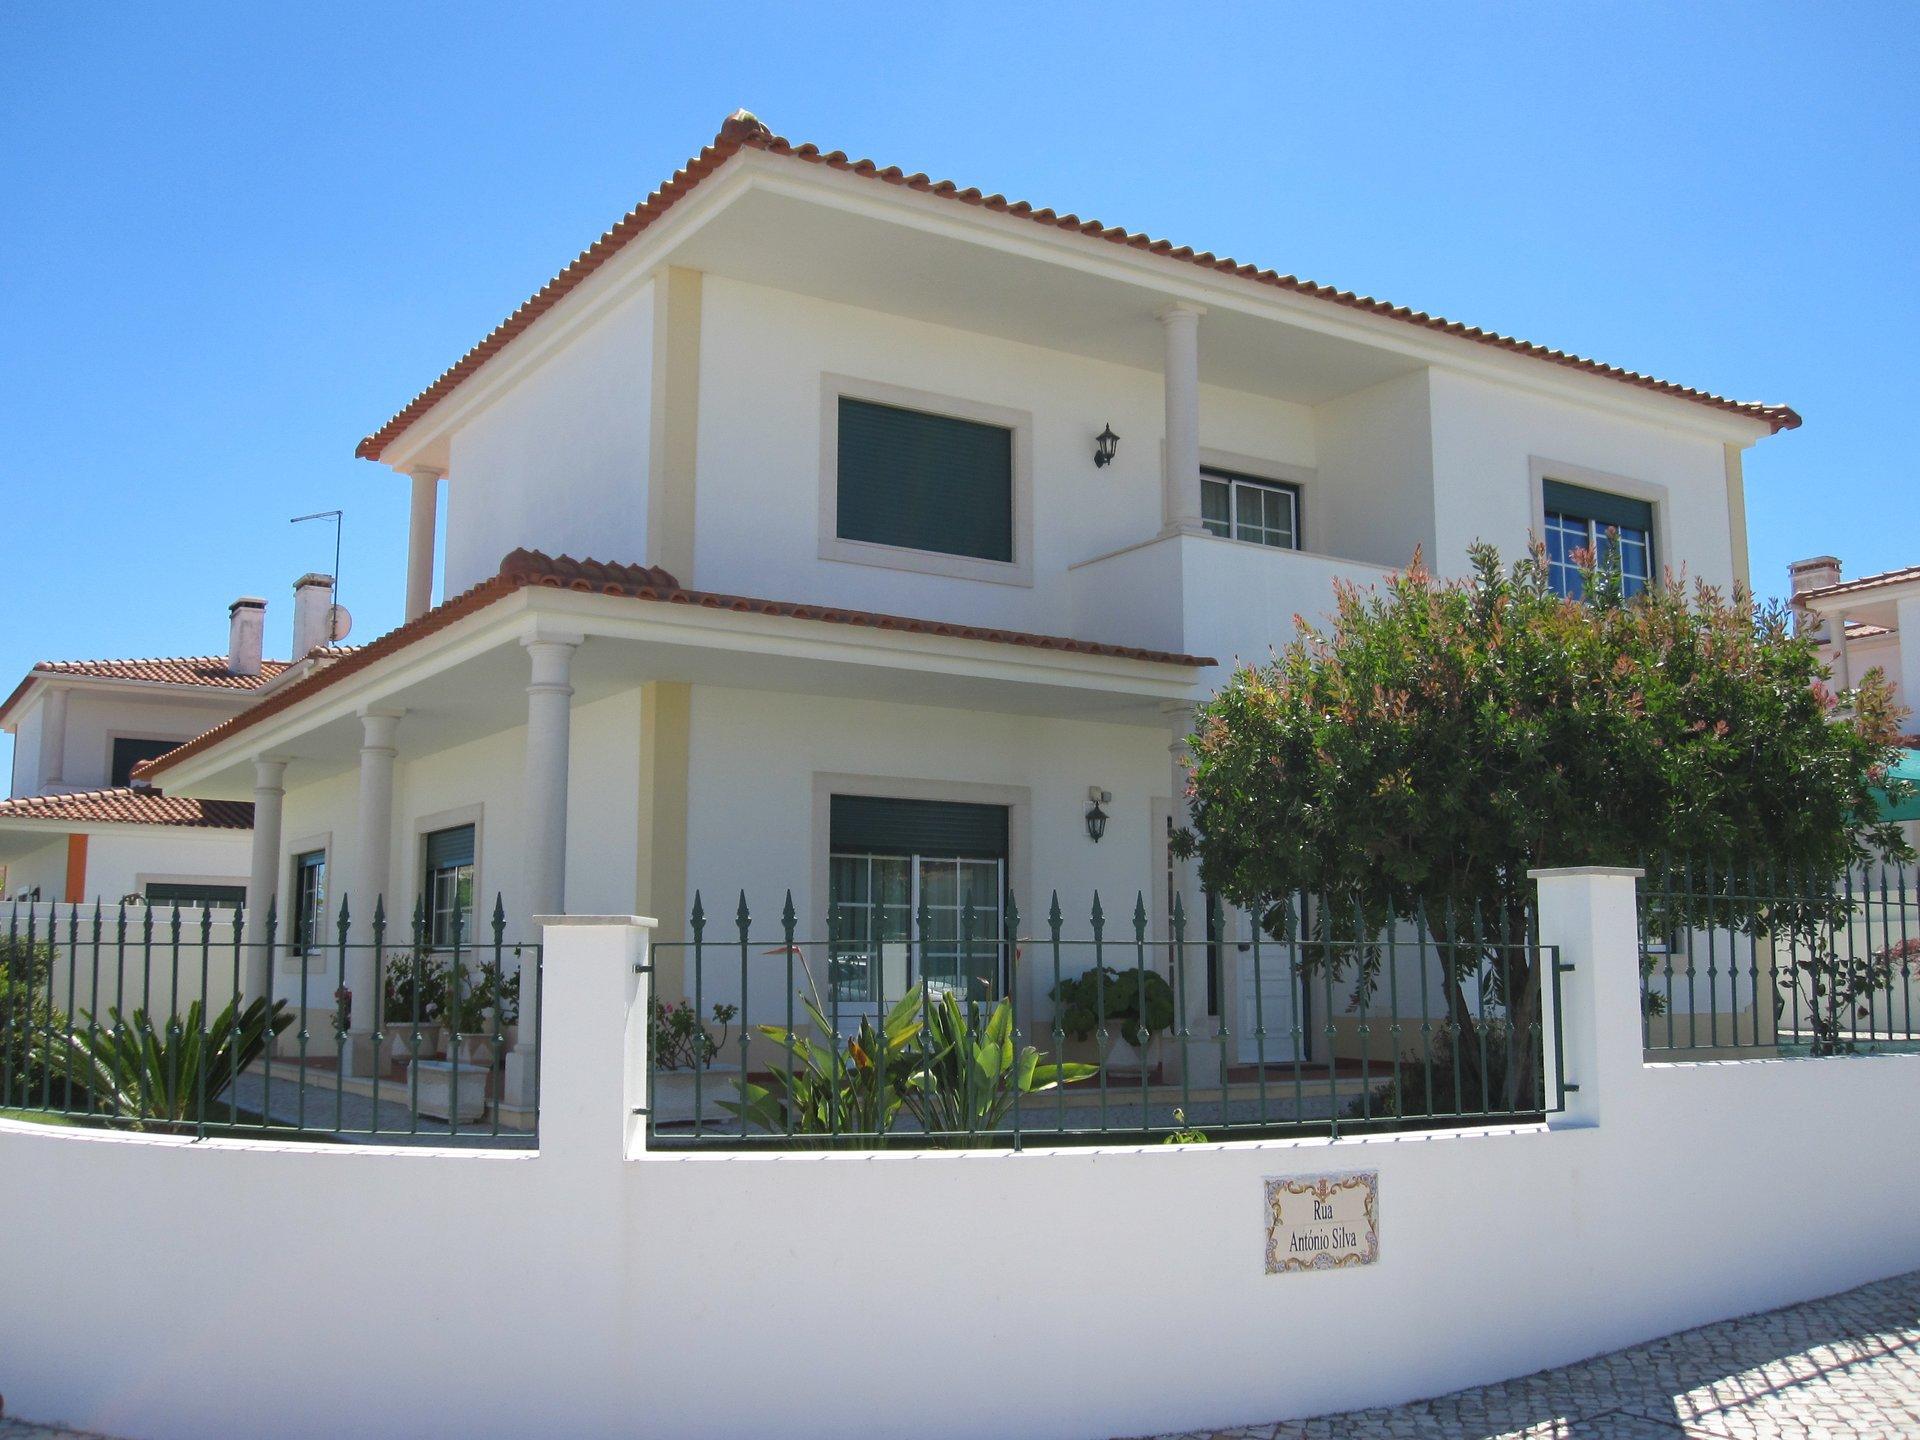 4 Bedroom Villa Foz do Arelho, Silver Coast Ref: AV1206